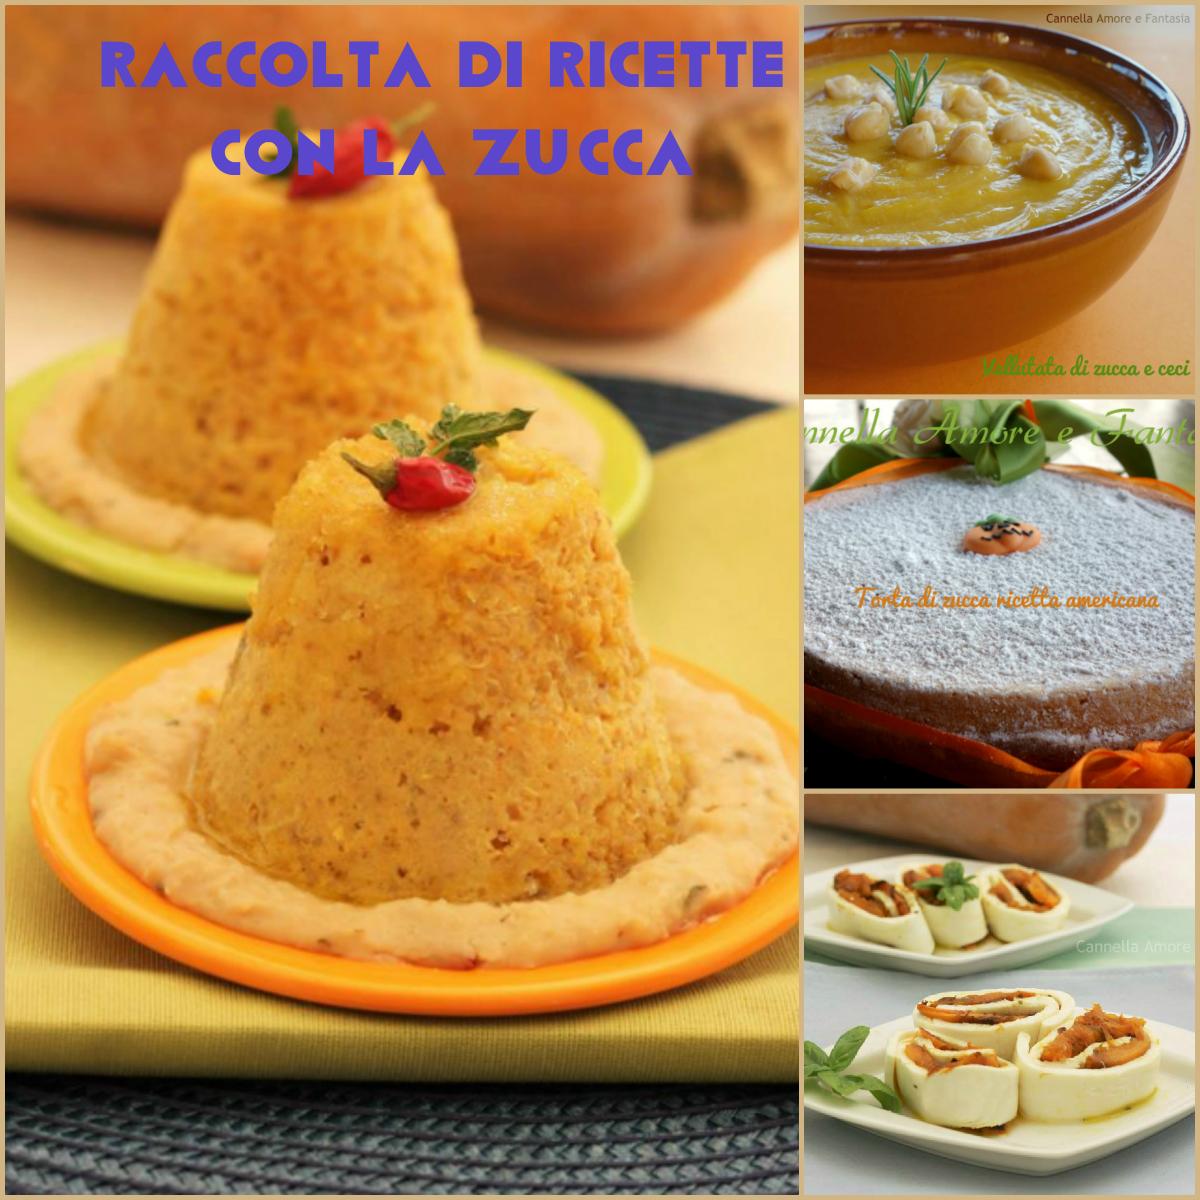 Raccolta di Ricette con la zucca – ricette facili dall'antipasto al dolce